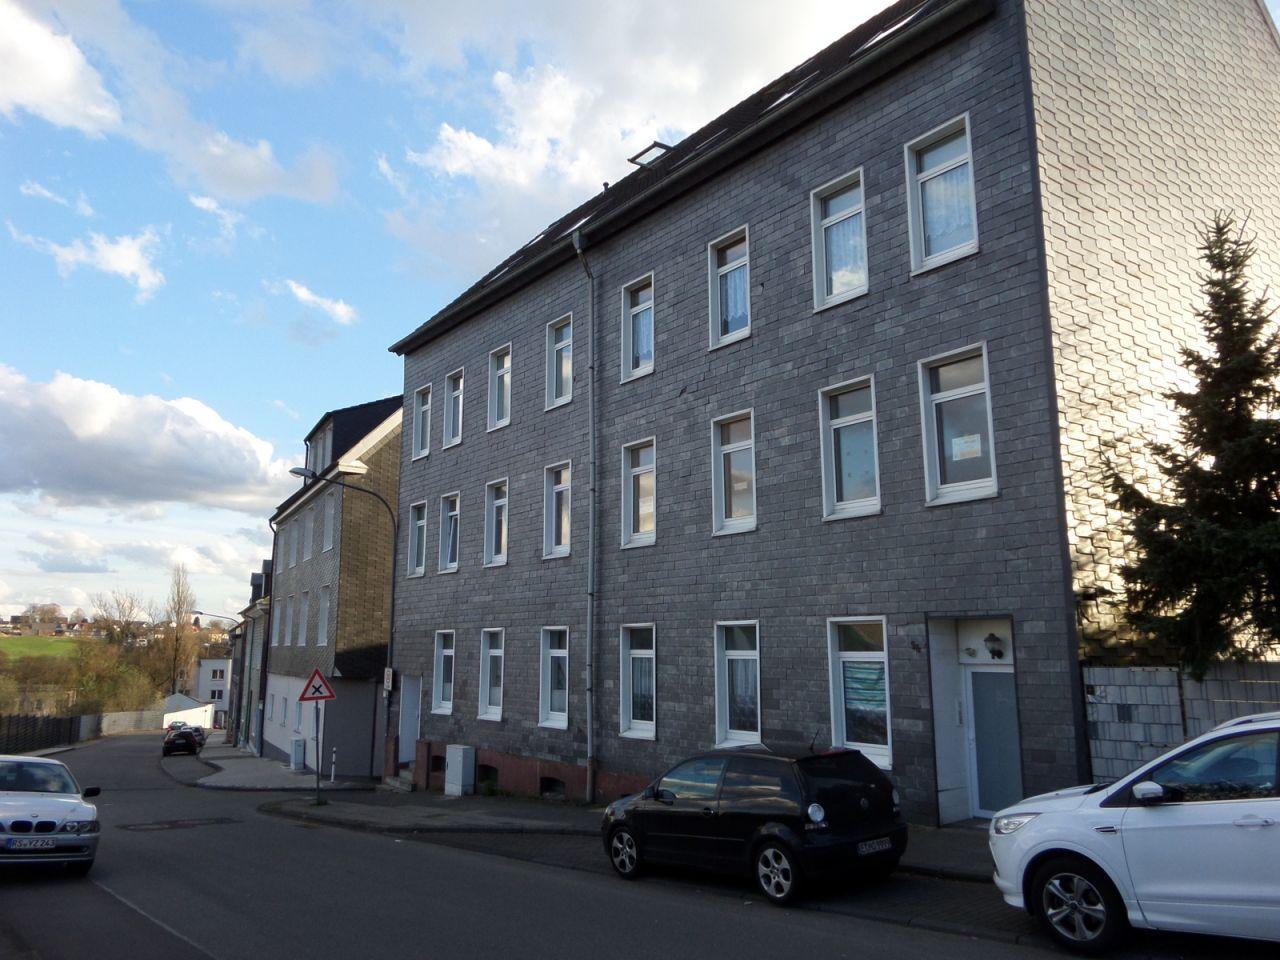 Квартира в земле Северный Рейн-Вестфалия, Германия, 78 м2 - фото 1